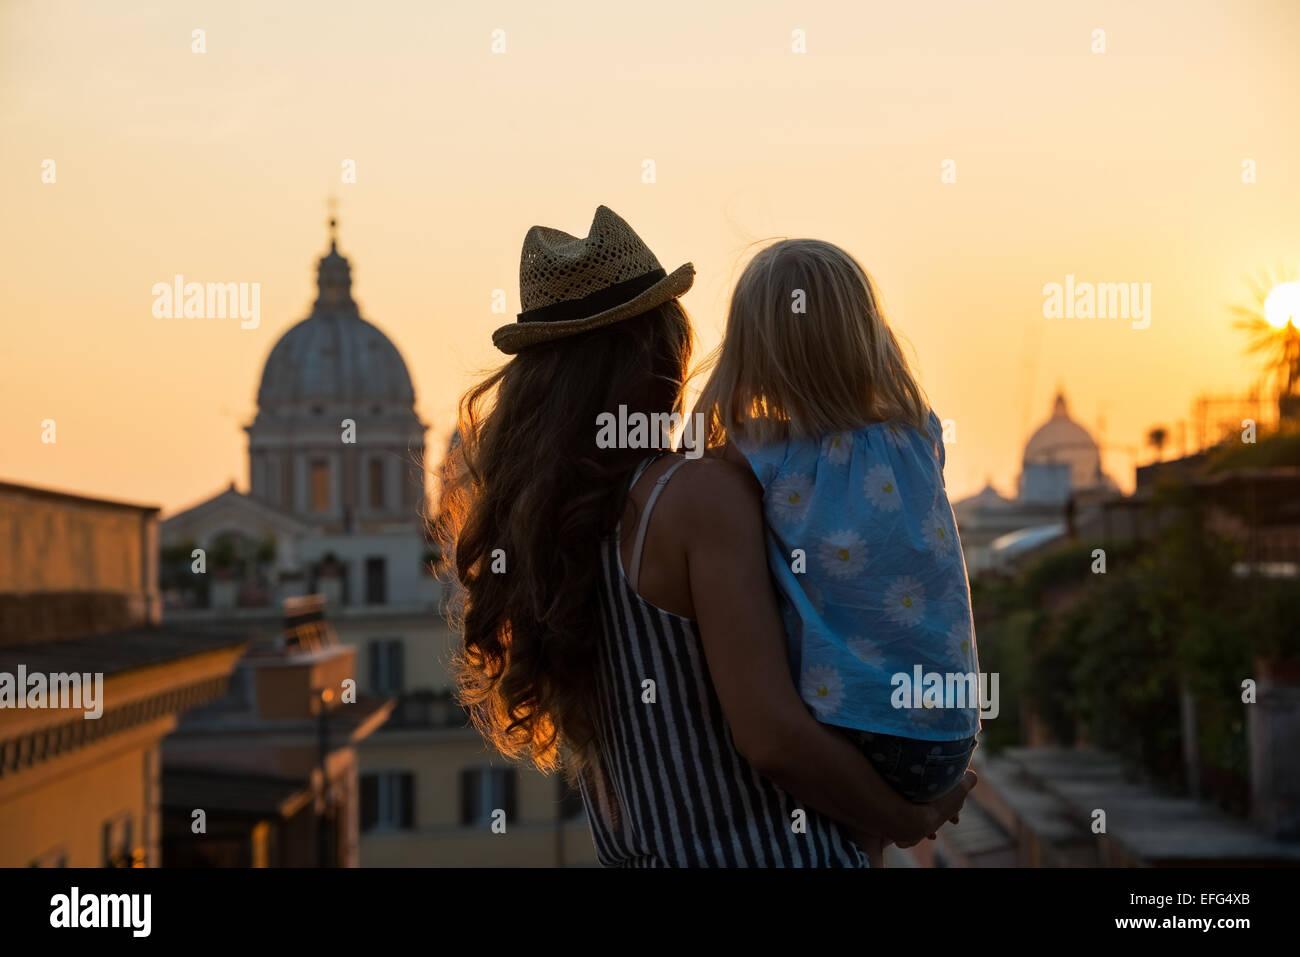 Silhueta de mãe e menina olhando sobre telhados de Roma sobre o pôr-do-sol. Vista traseira Imagens de Stock